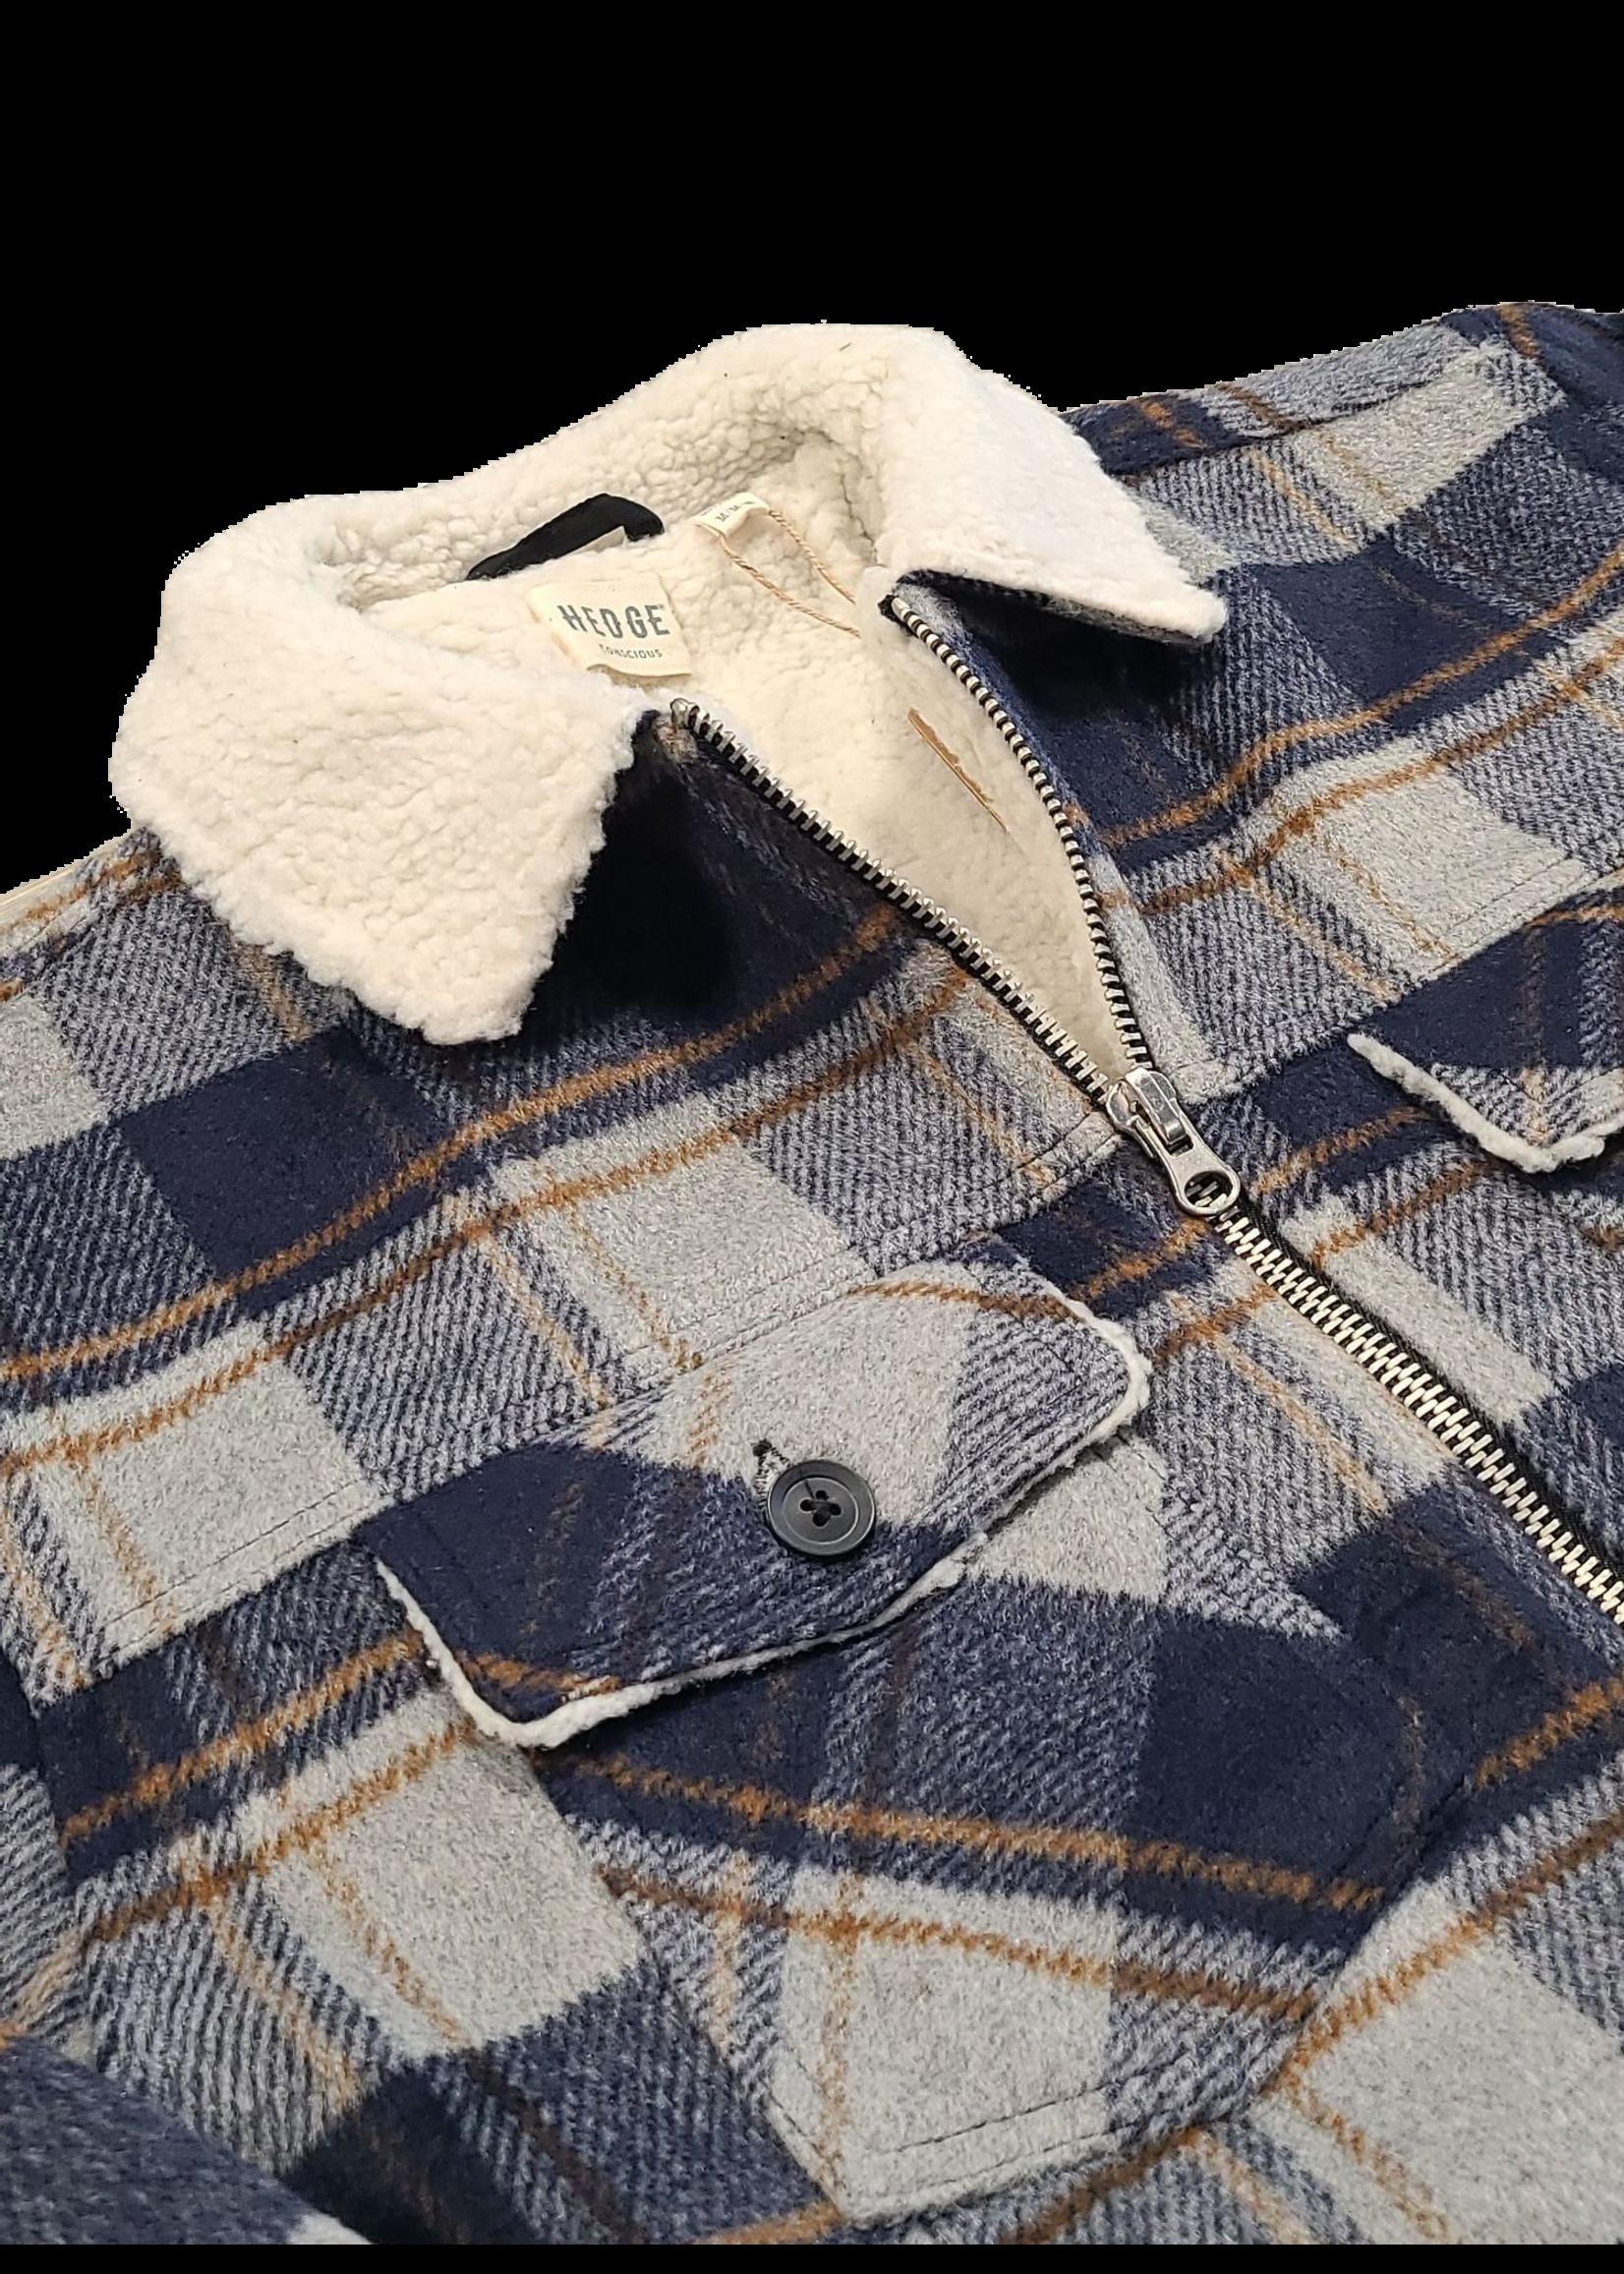 Hedge Hedge Woven Plaid Sherpa Jacket 73W066B